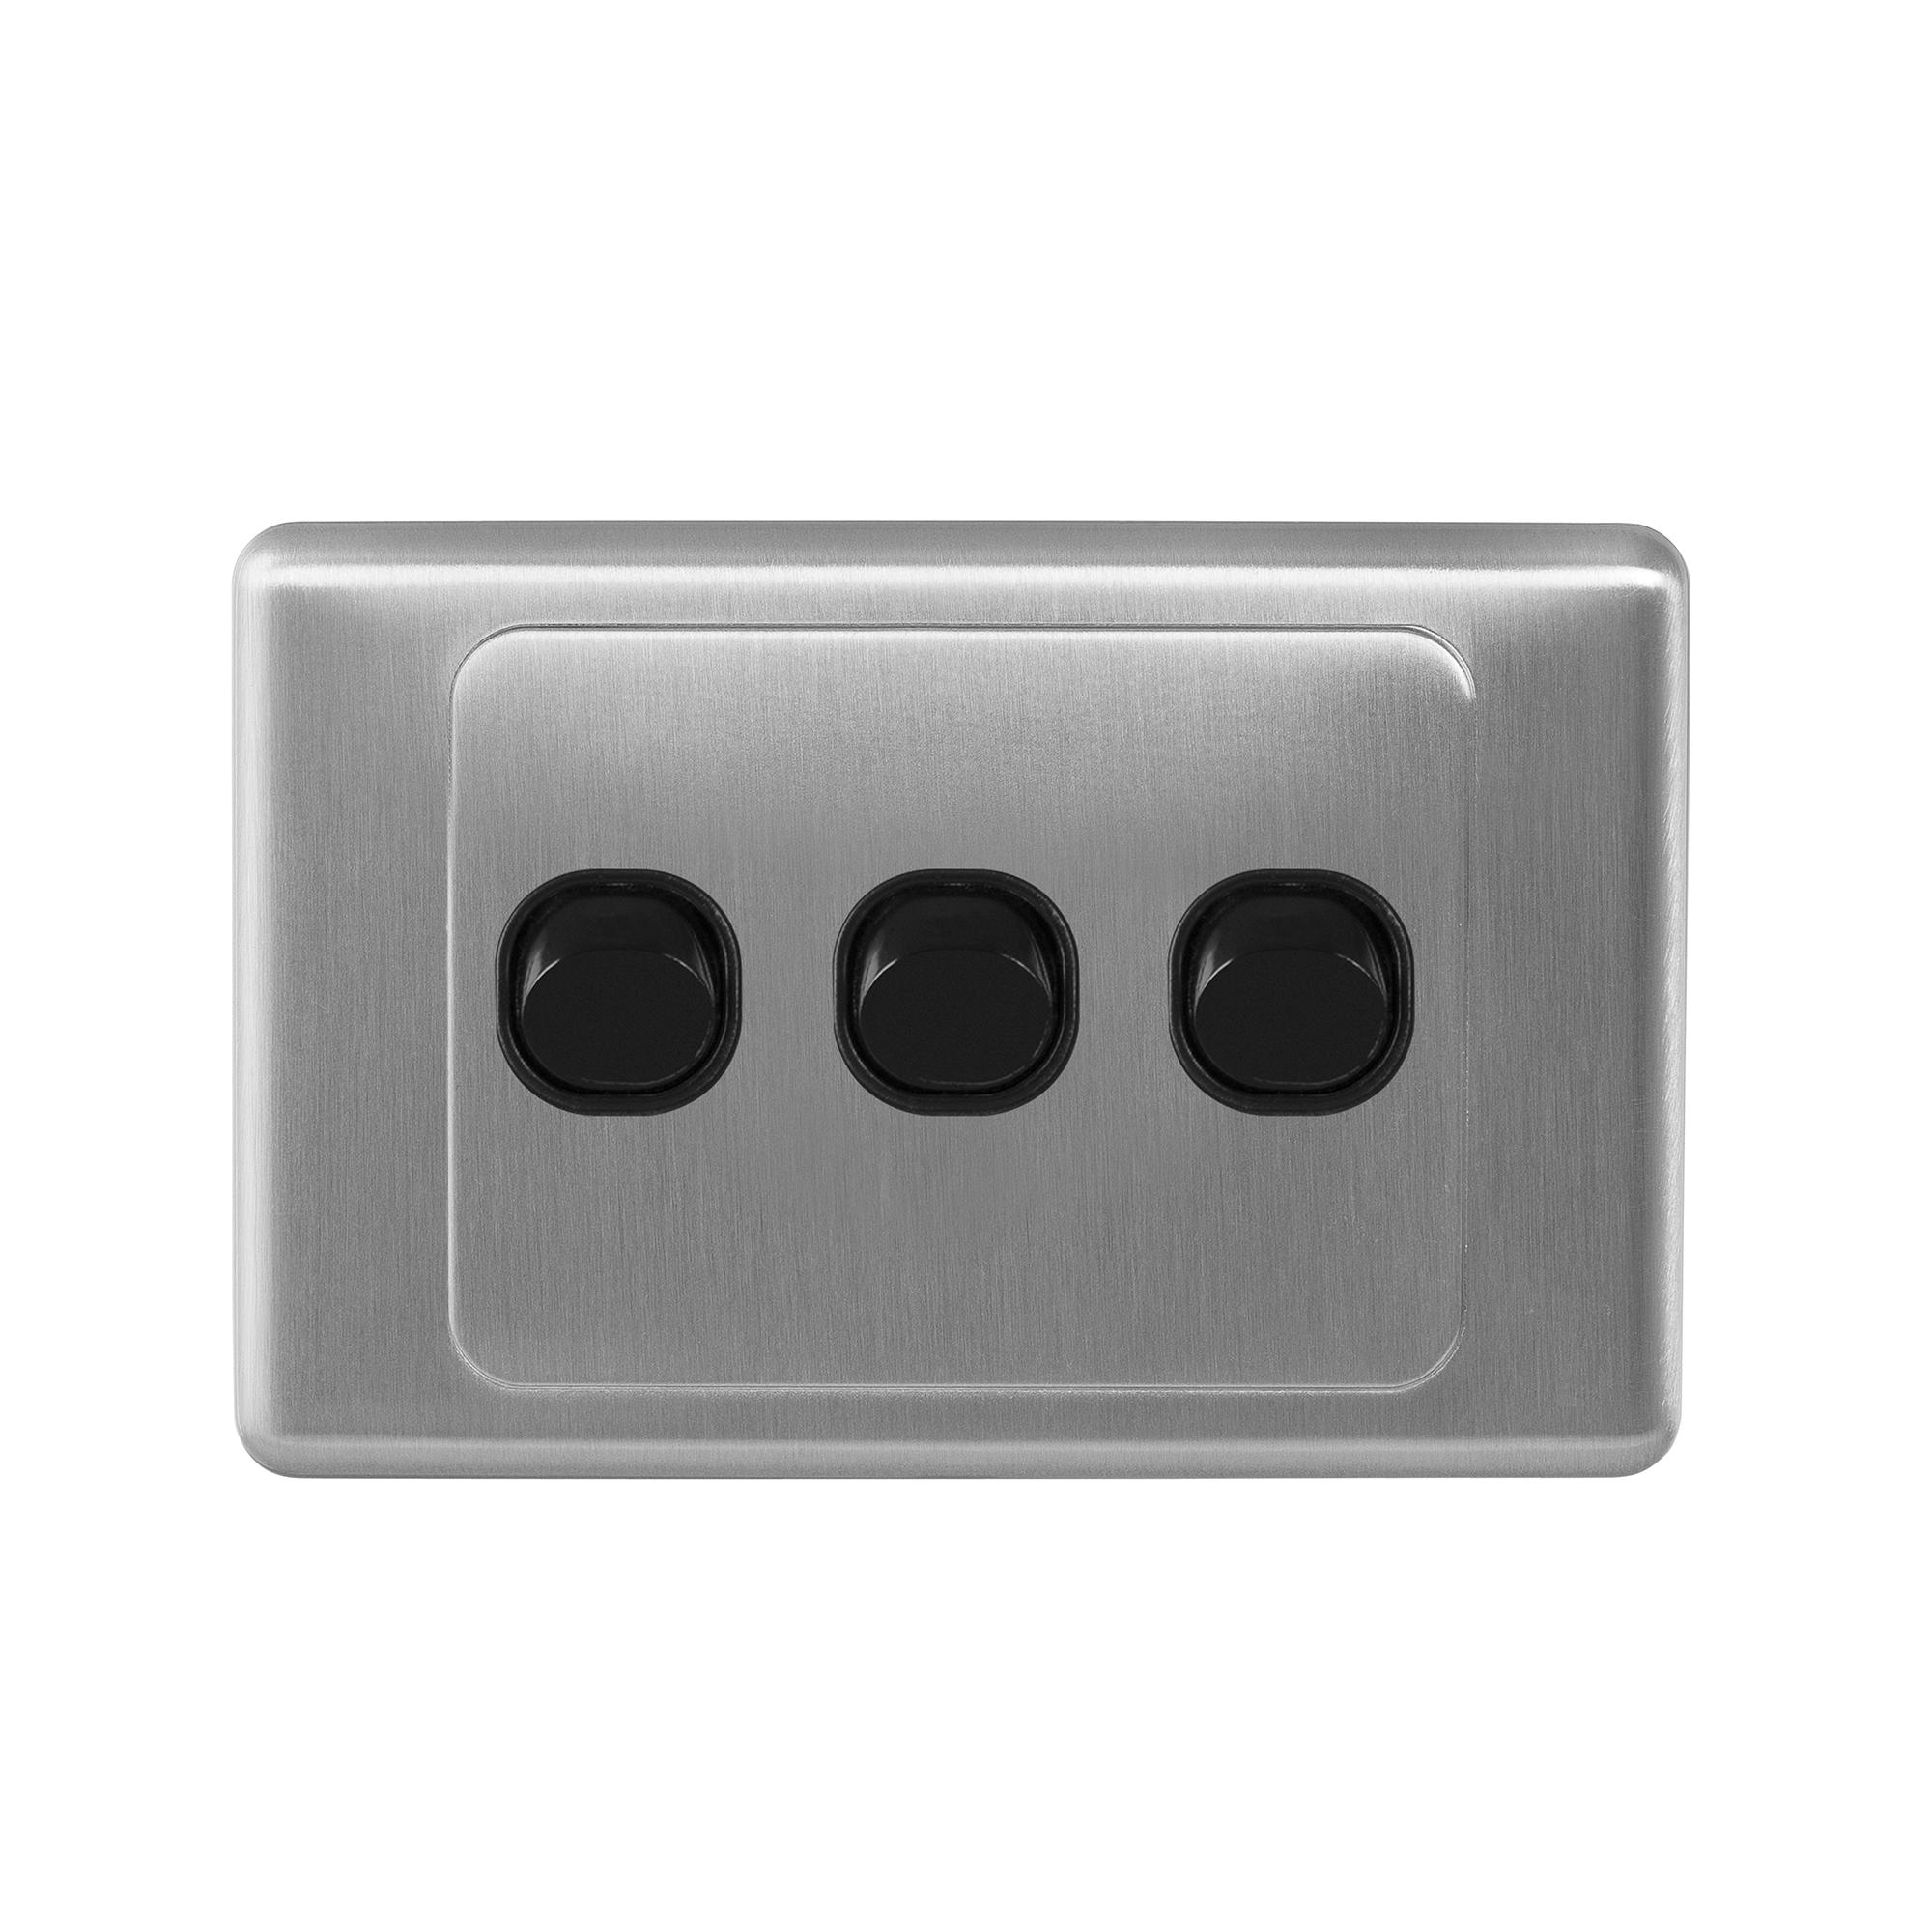 S-line s/steel triple switch